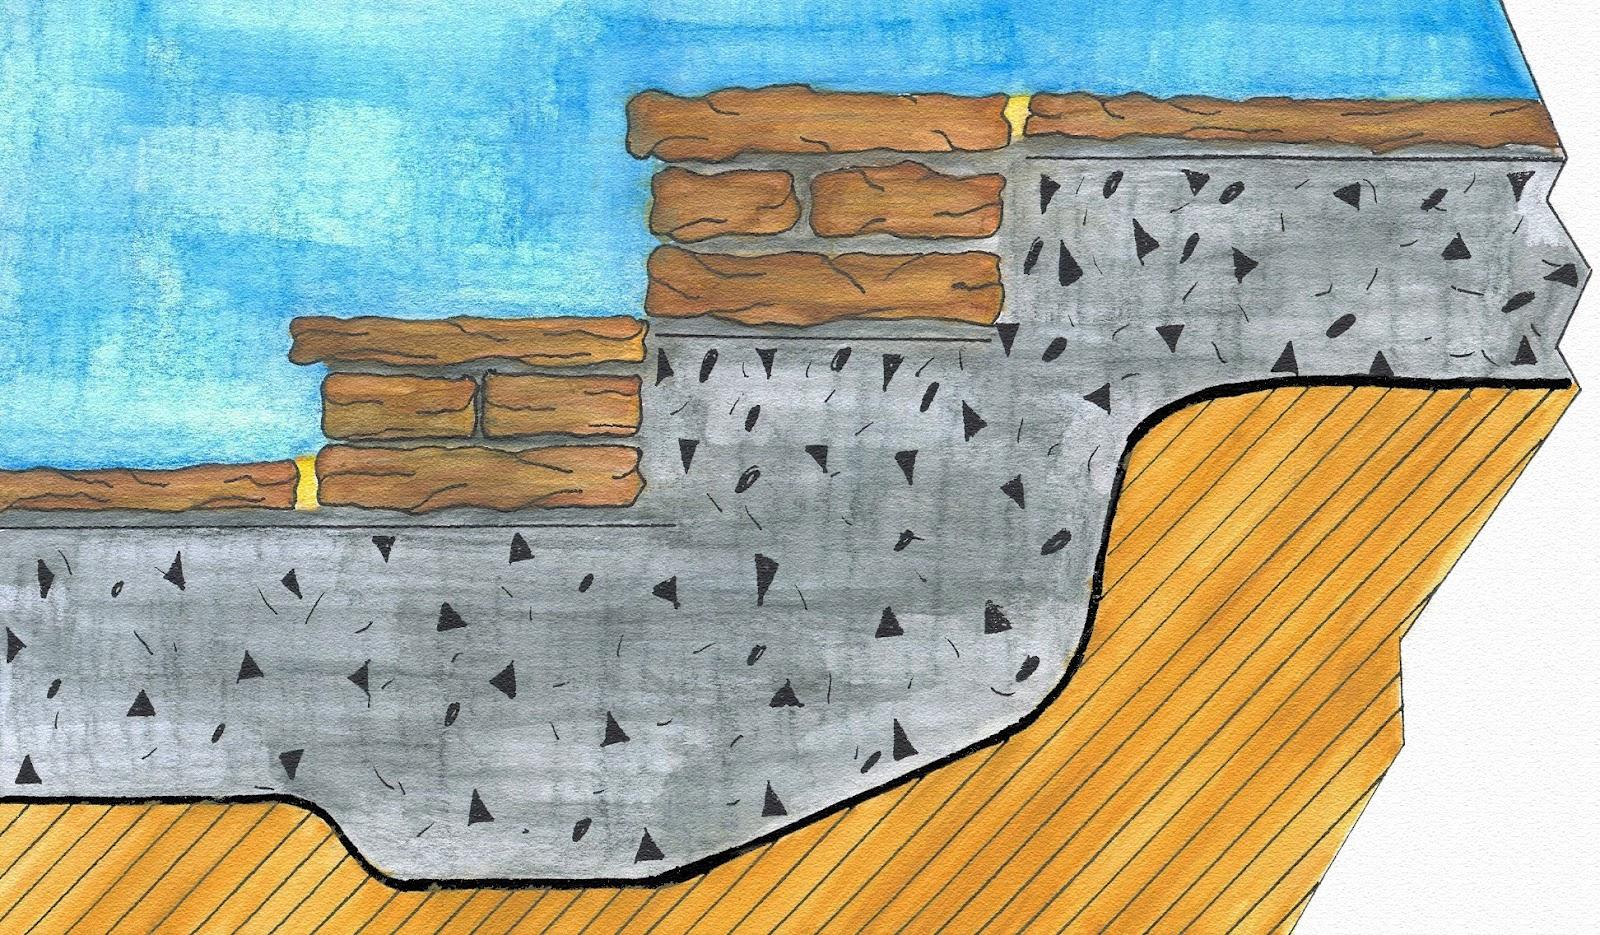 Cr ation paysage construction d 39 un escalier en pierre for Escalier pierre naturelle